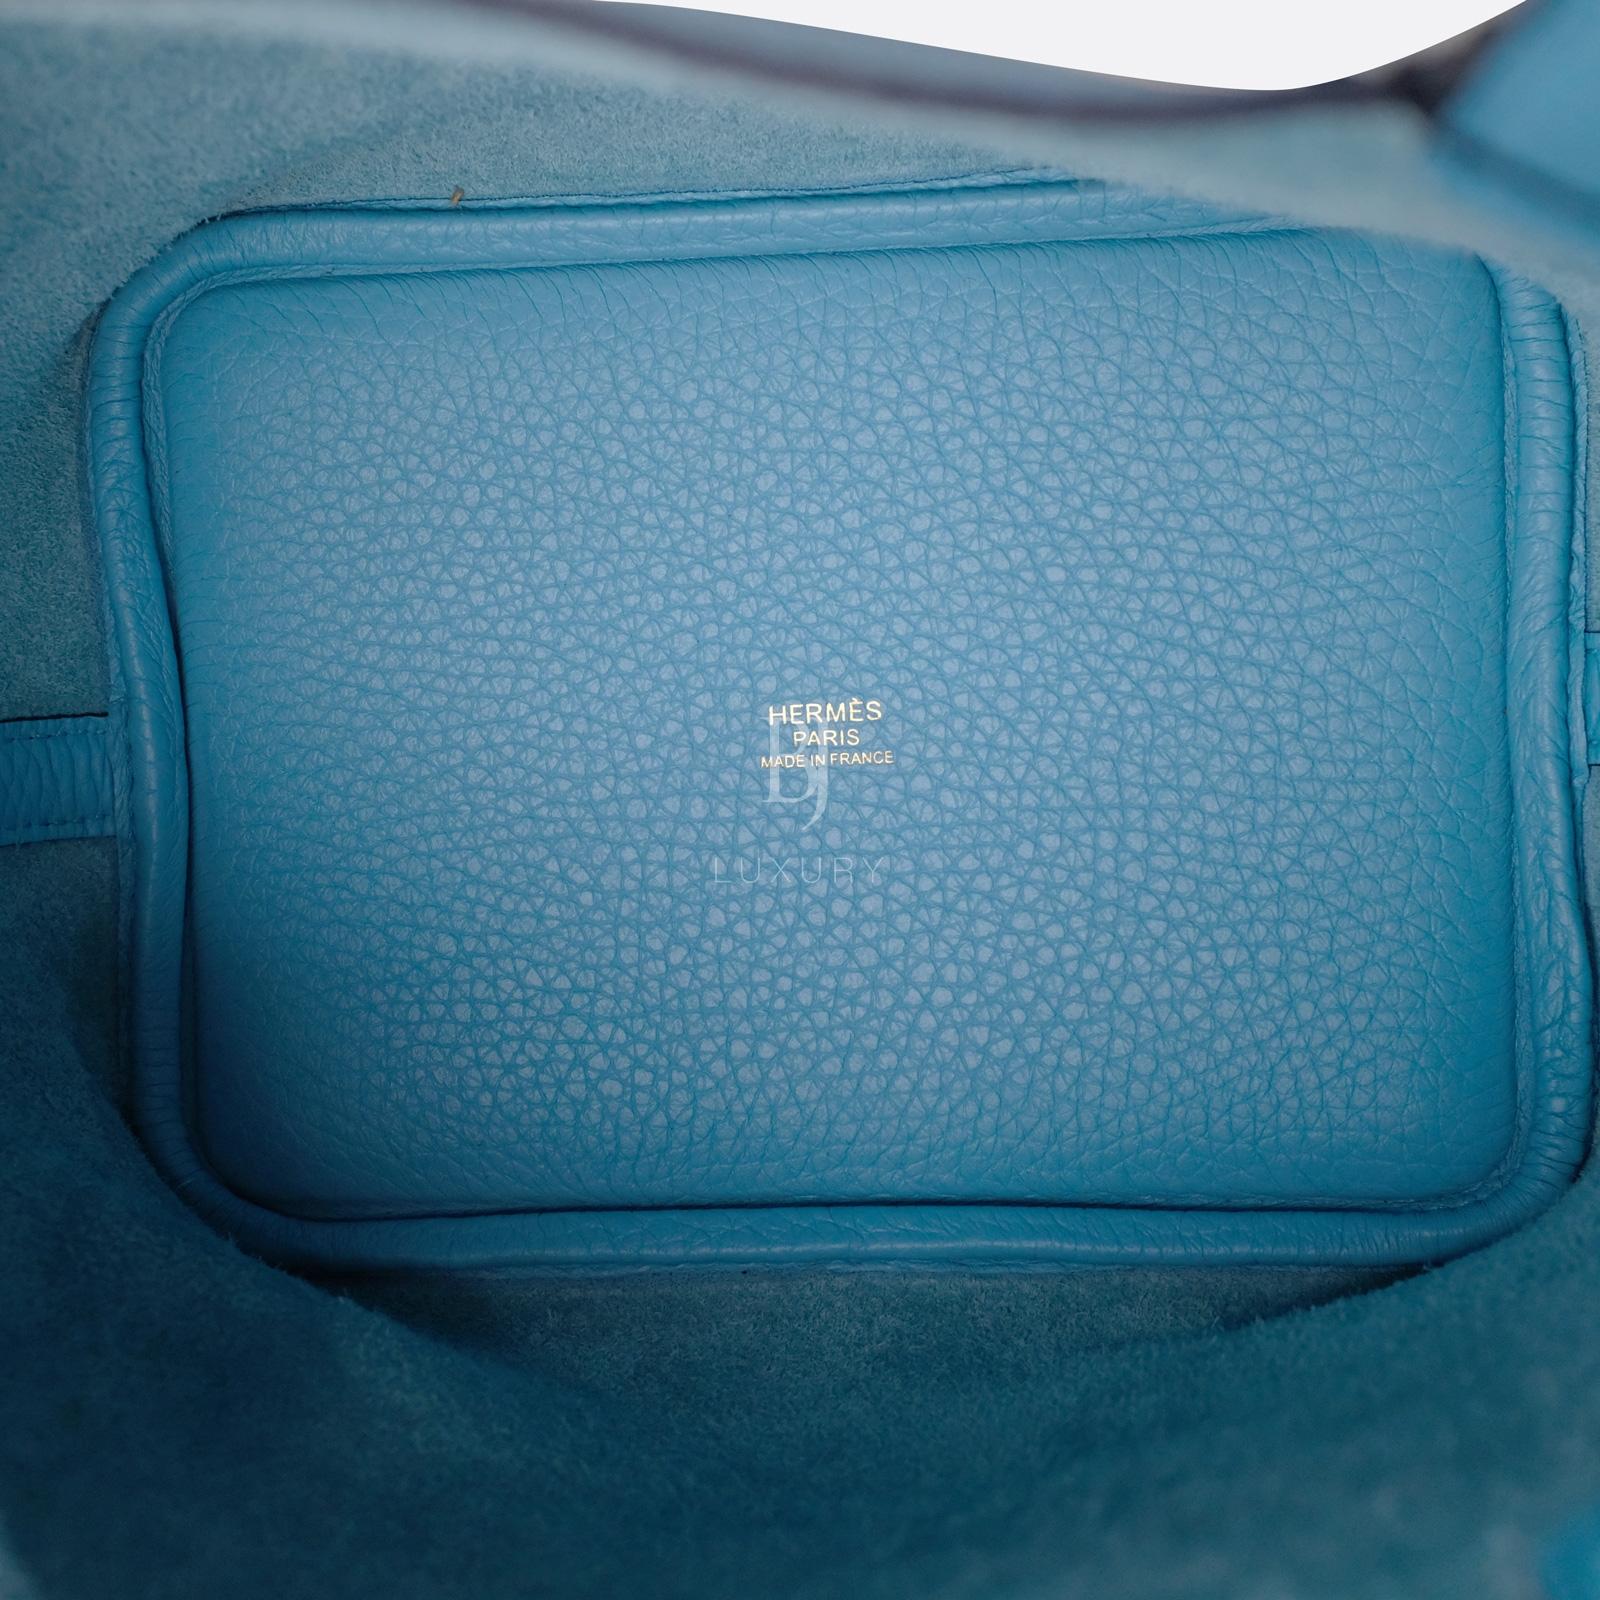 Hermes Picotin 18 Bleu Du Nord Clemence Gold BJ Luxury 11.jpg